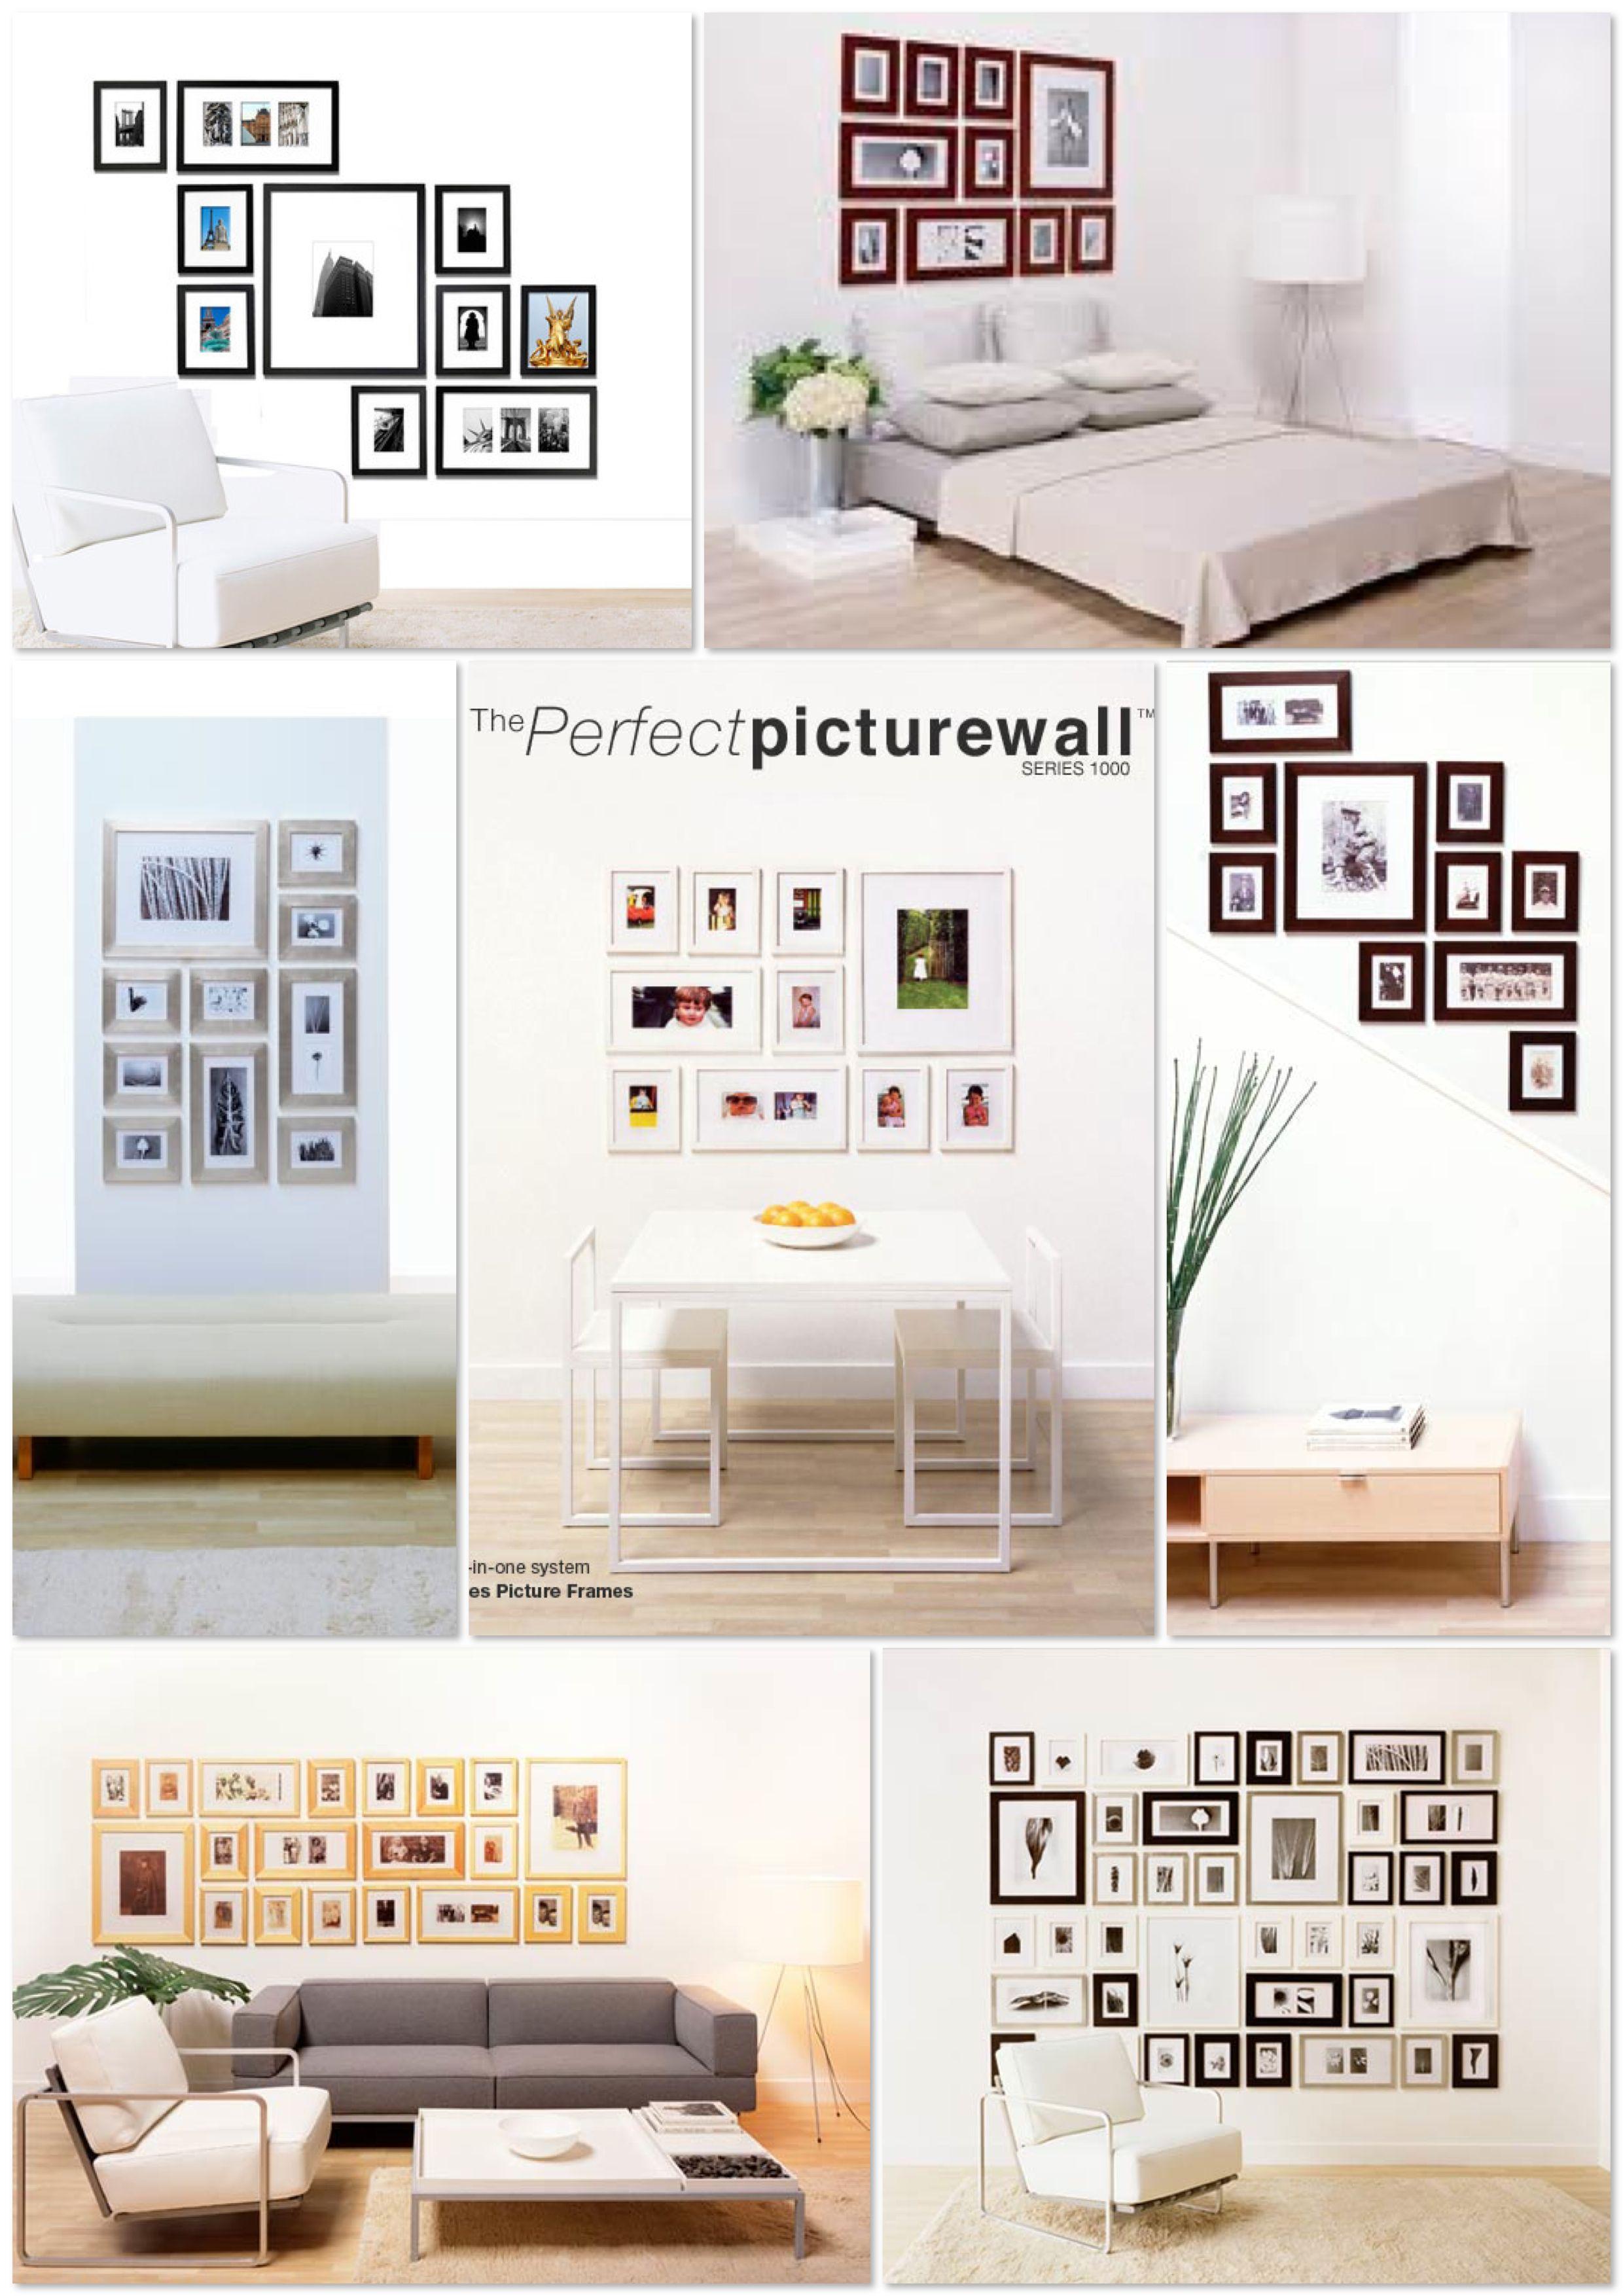 muurdecoratie heeft een grote visuele impact op het